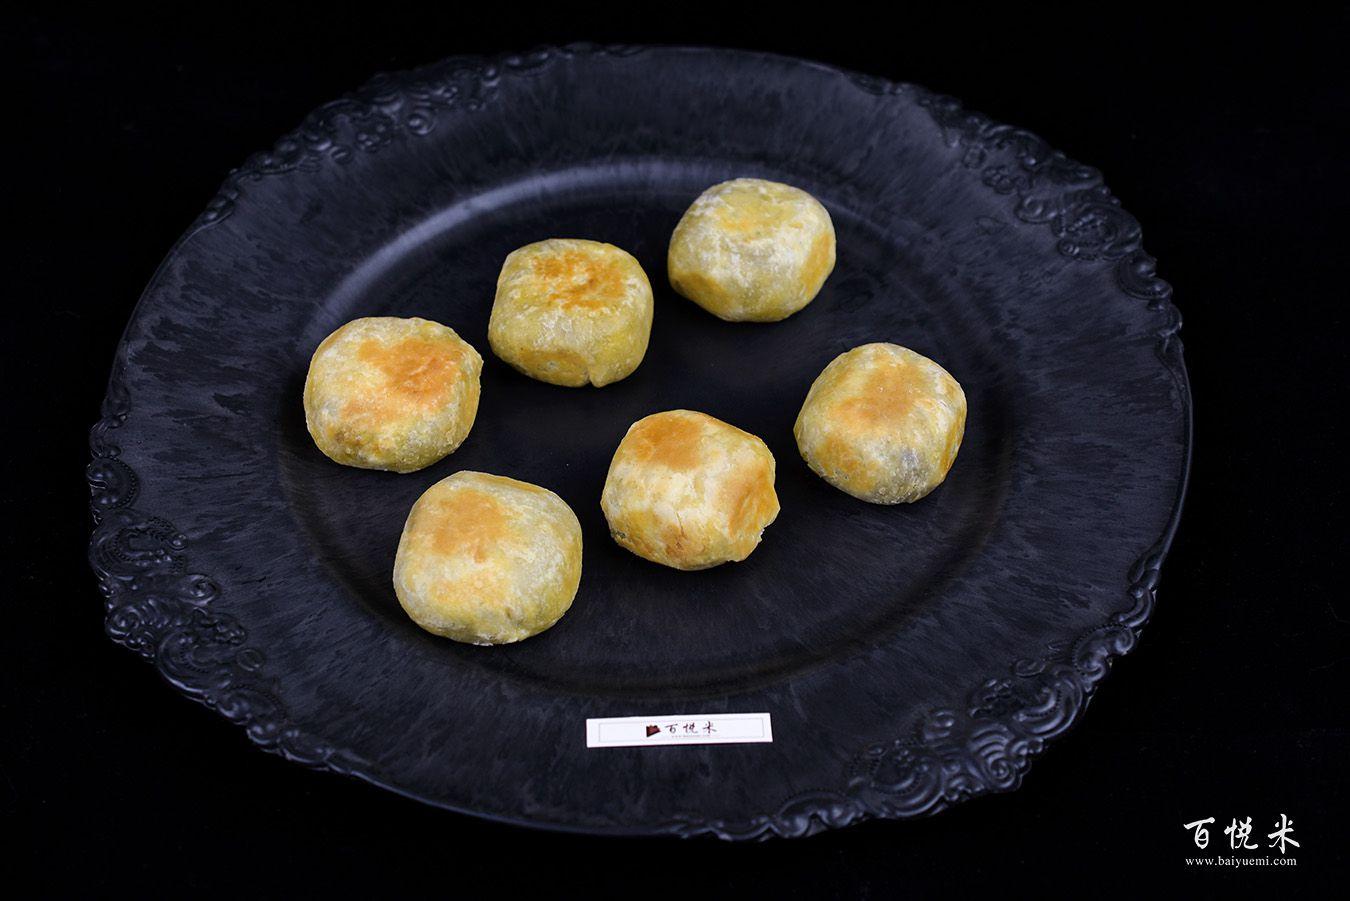 爆浆紫薯仙豆糕高清图片大全【蛋糕图片】